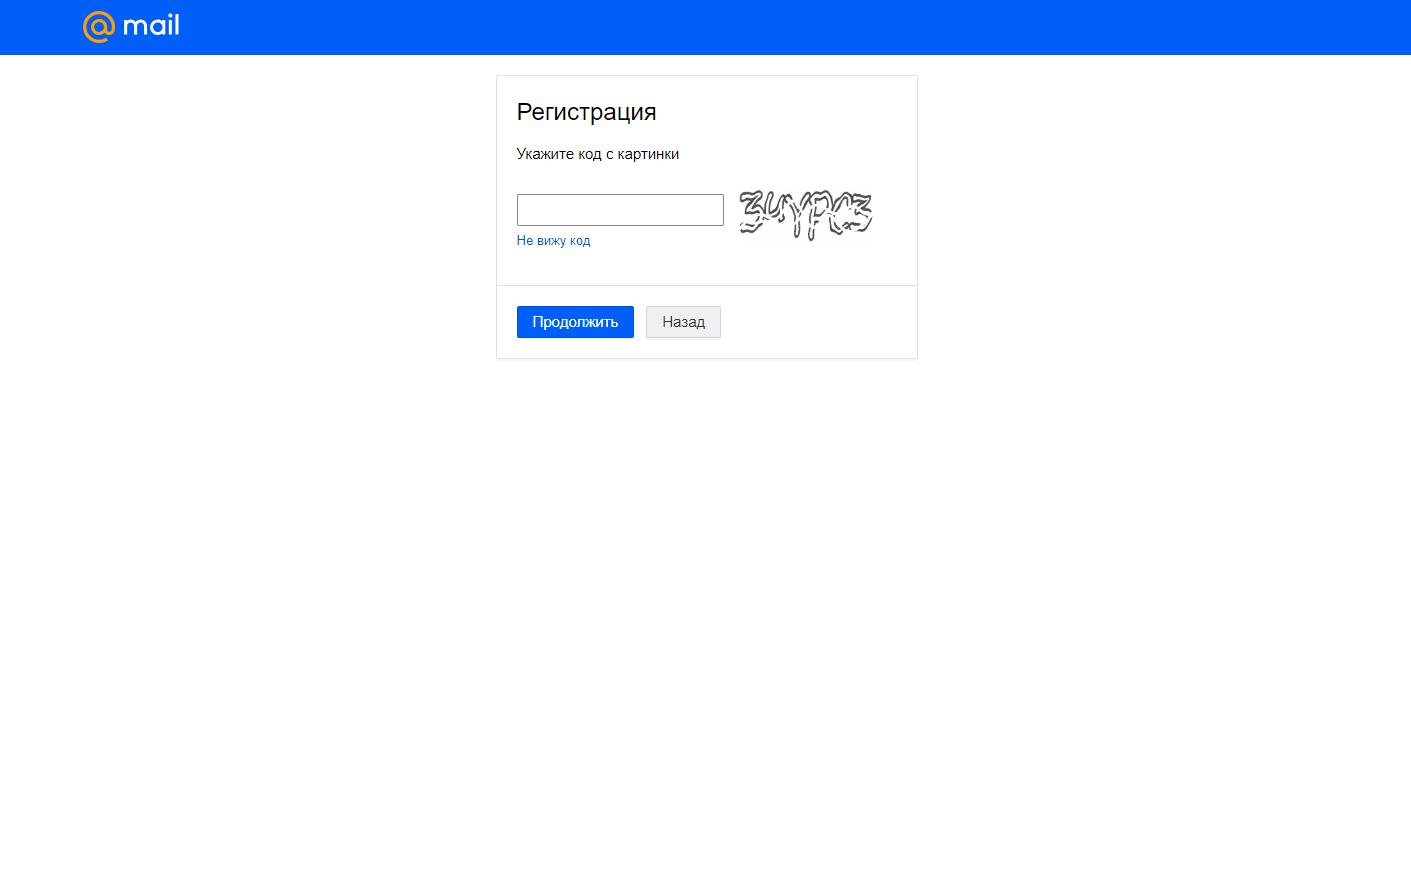 Как зарегистрировать электронную почту Mail